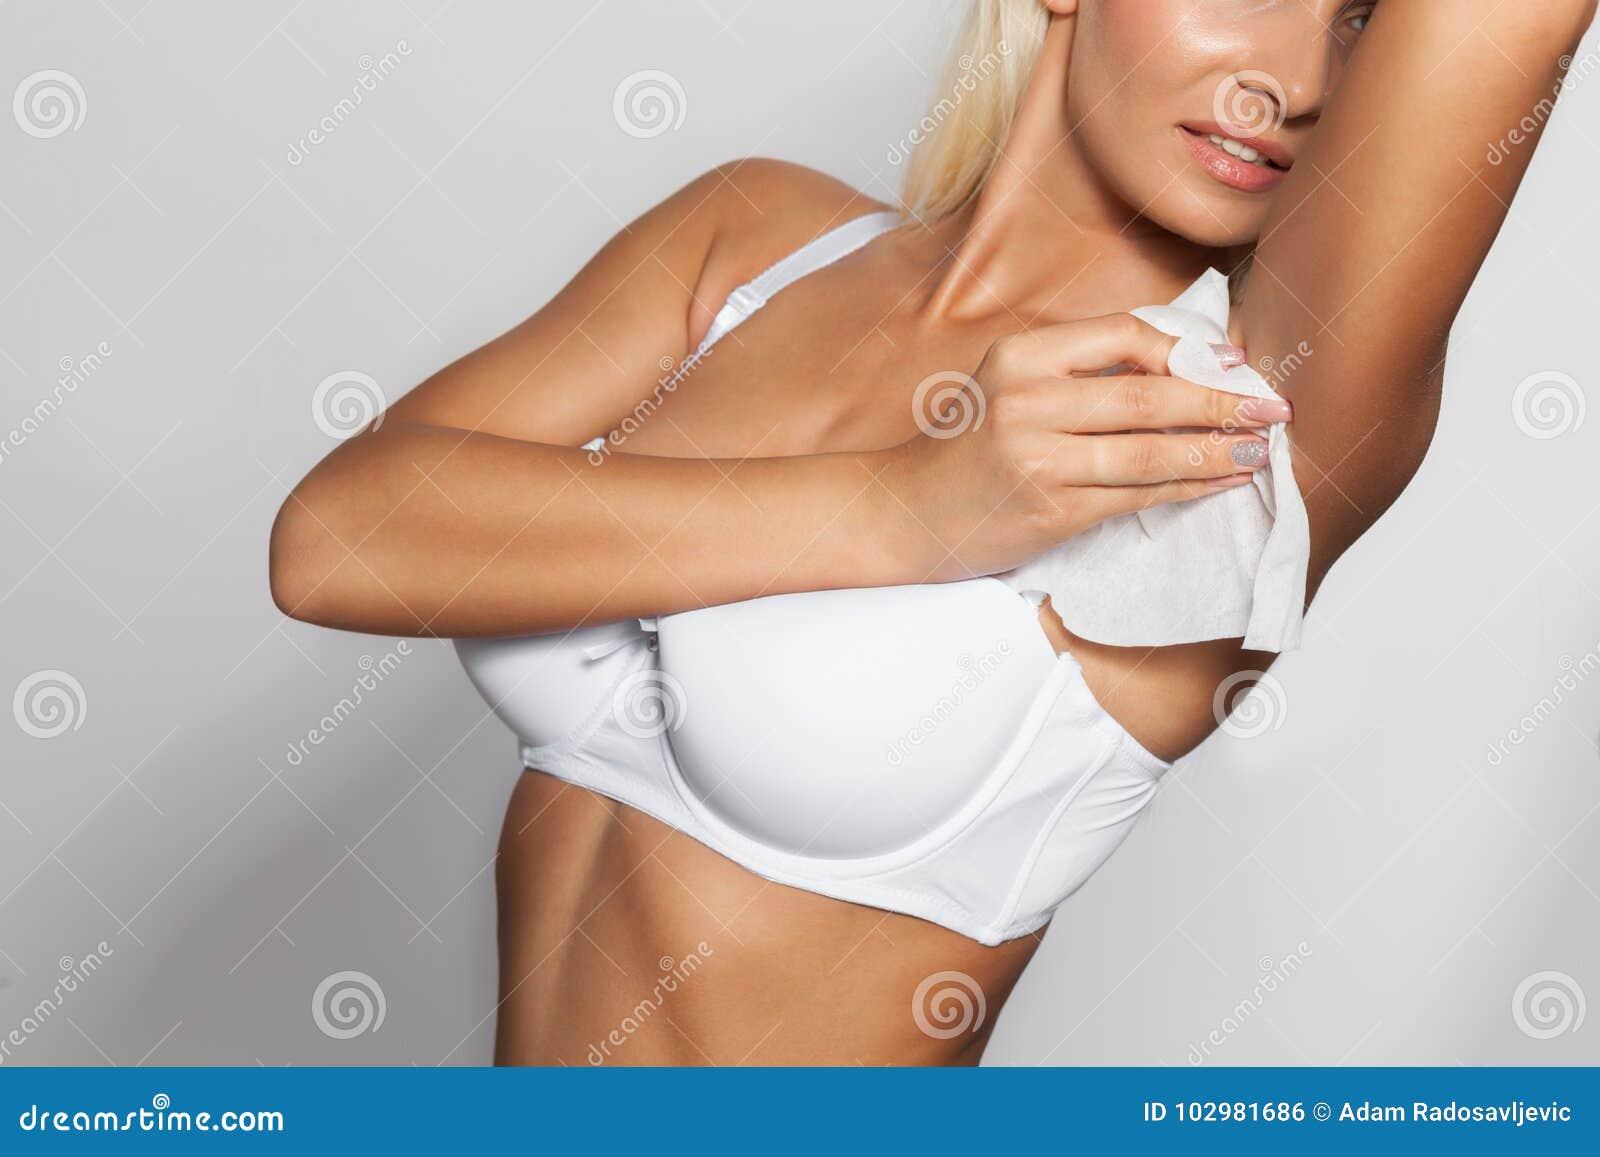 υγρή μαύρες γυναίκεςζεστό γυμνό Ebony πορνό